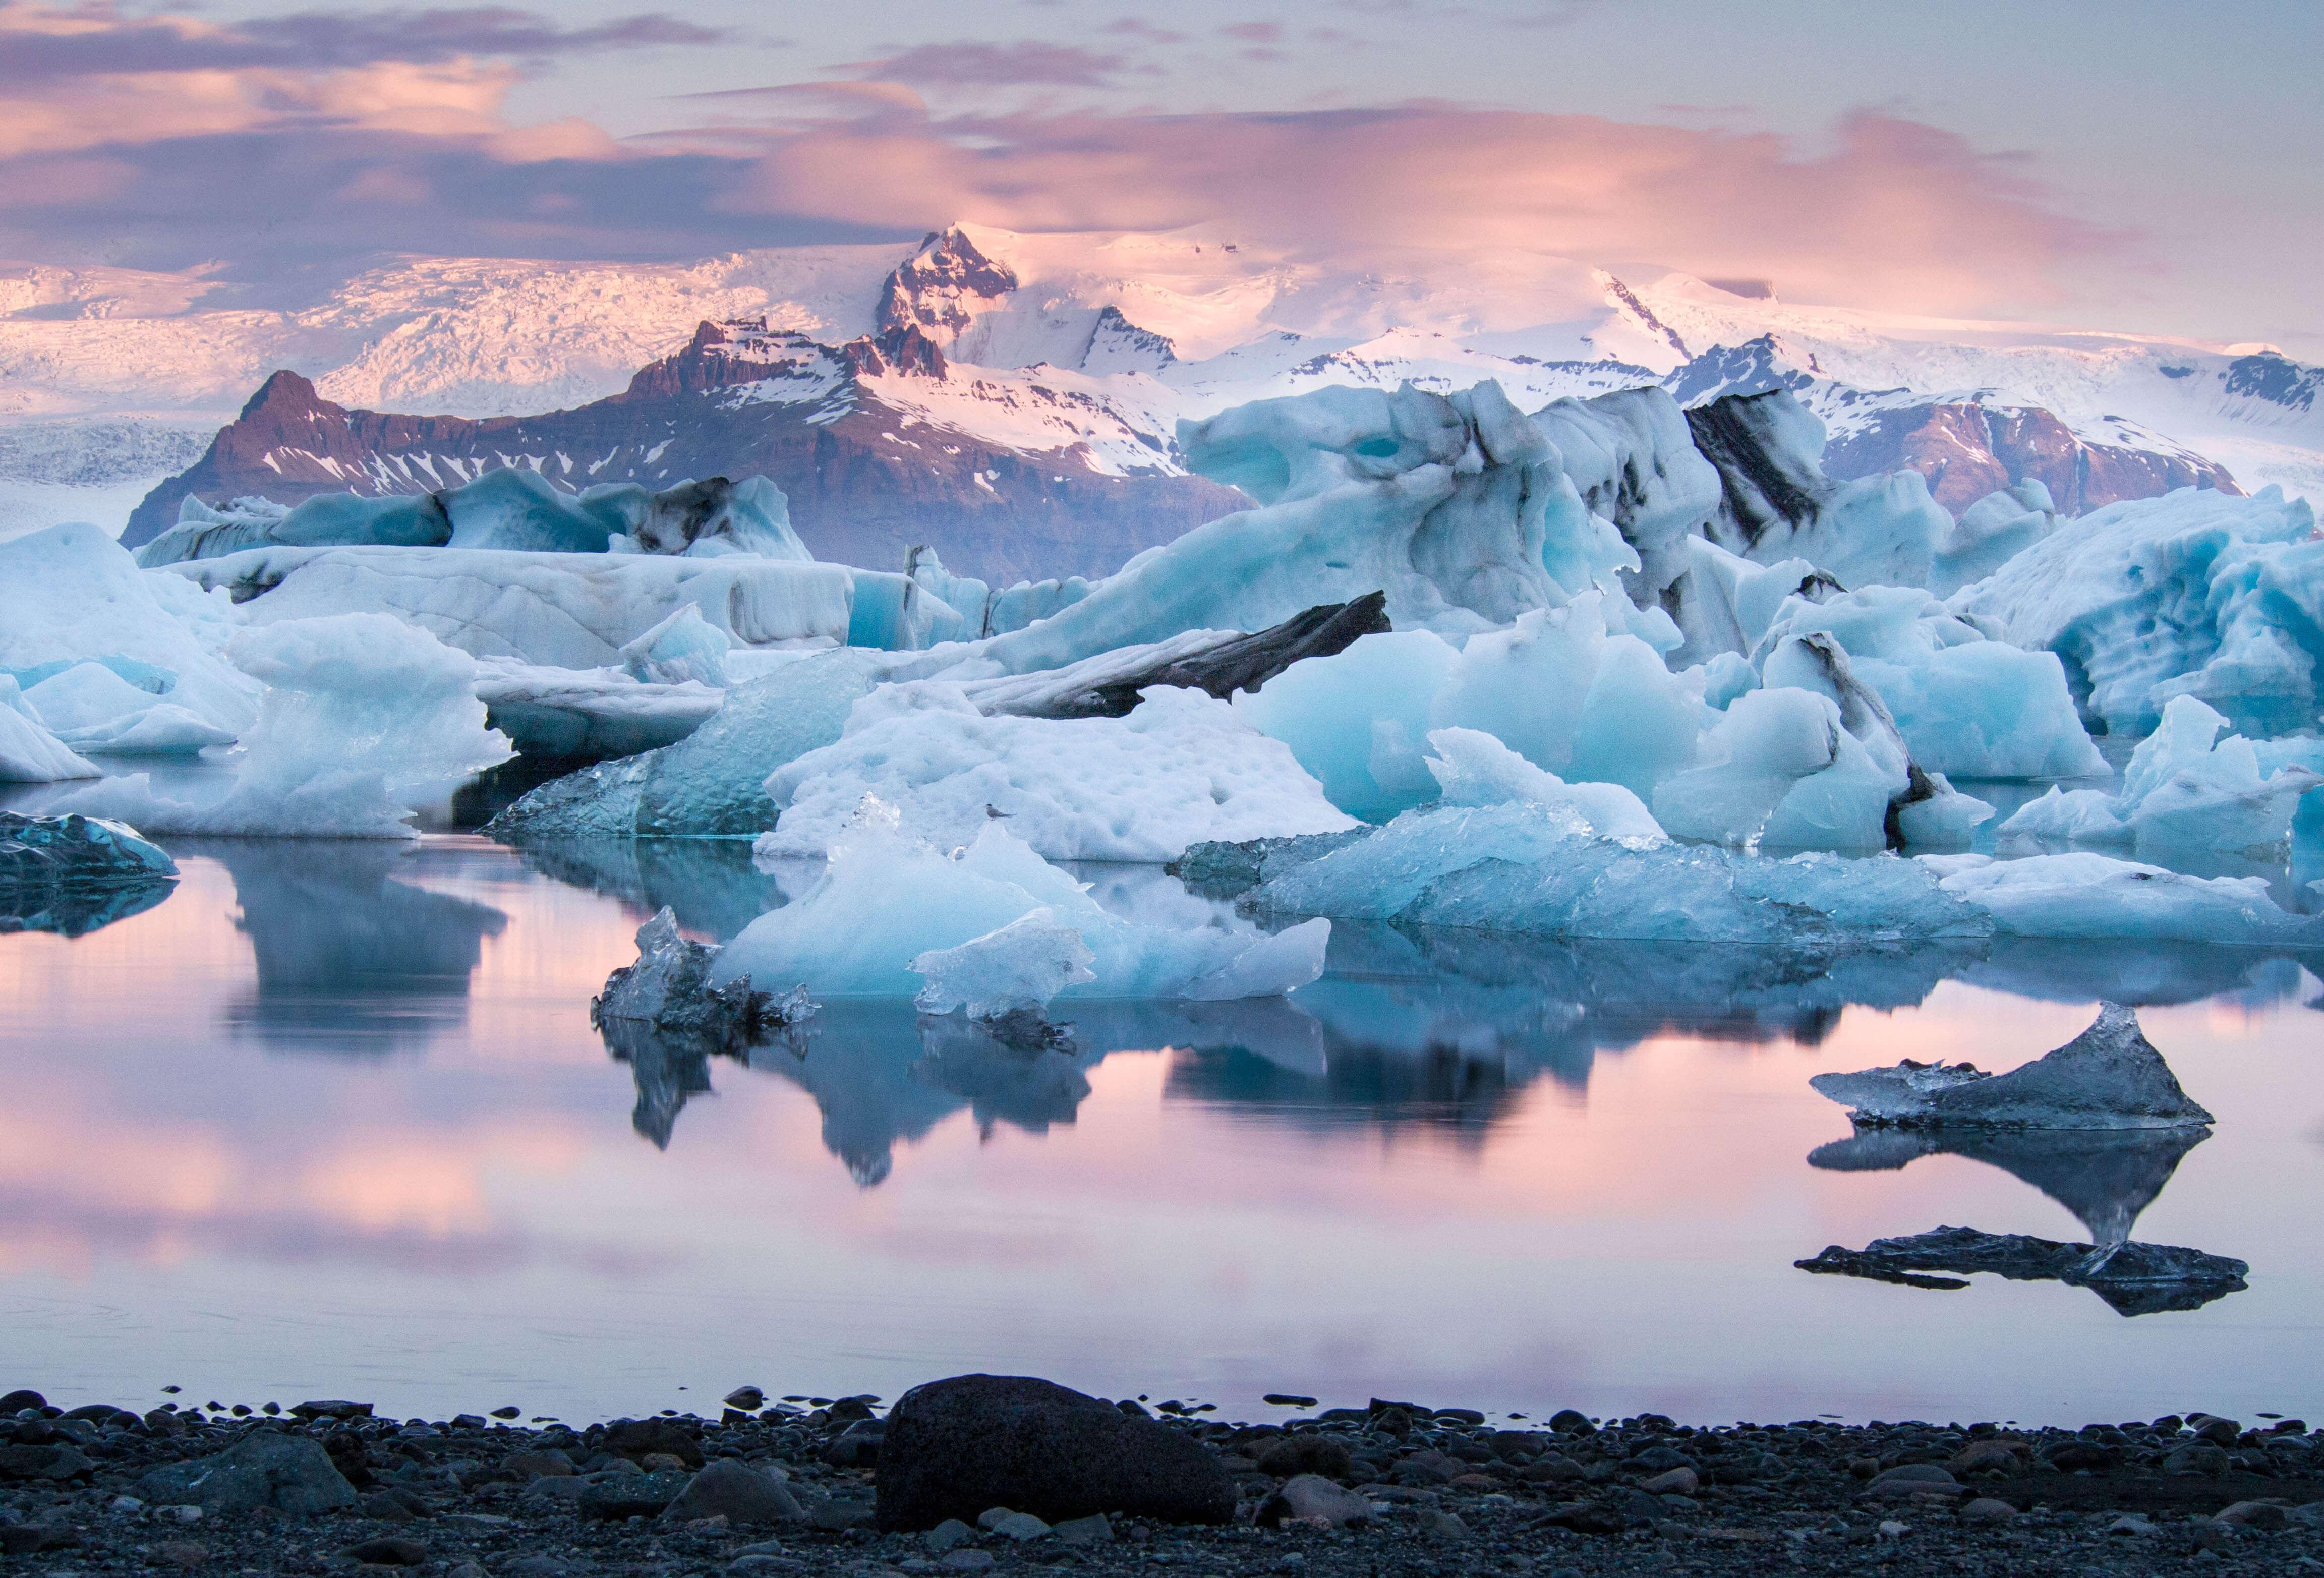 เที่ยวไอซ์แลนด์ ราคาถูก 2560 ทัวร์ไอซ์แลนด์ขอเสนอ ธารน้ำแข็ง โบริเวณทะเลสาบโจคูซาลอน